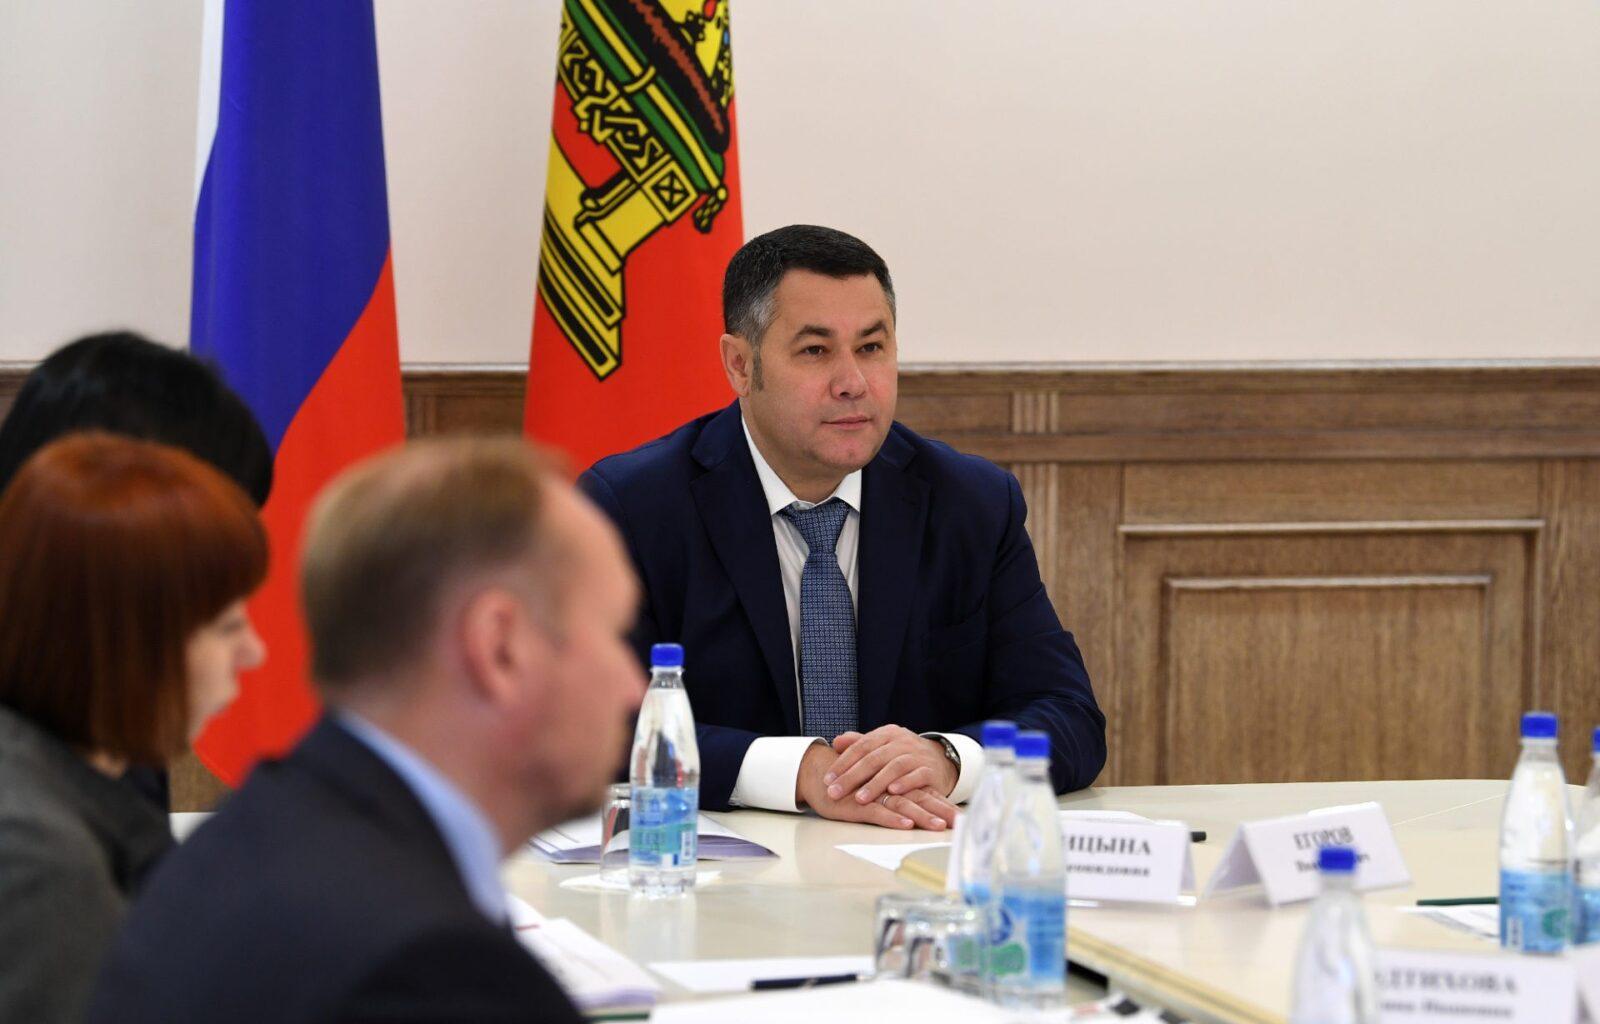 Игорь Руденя провёл совещание по модернизации теплоэнергетического комплекса Тверской области